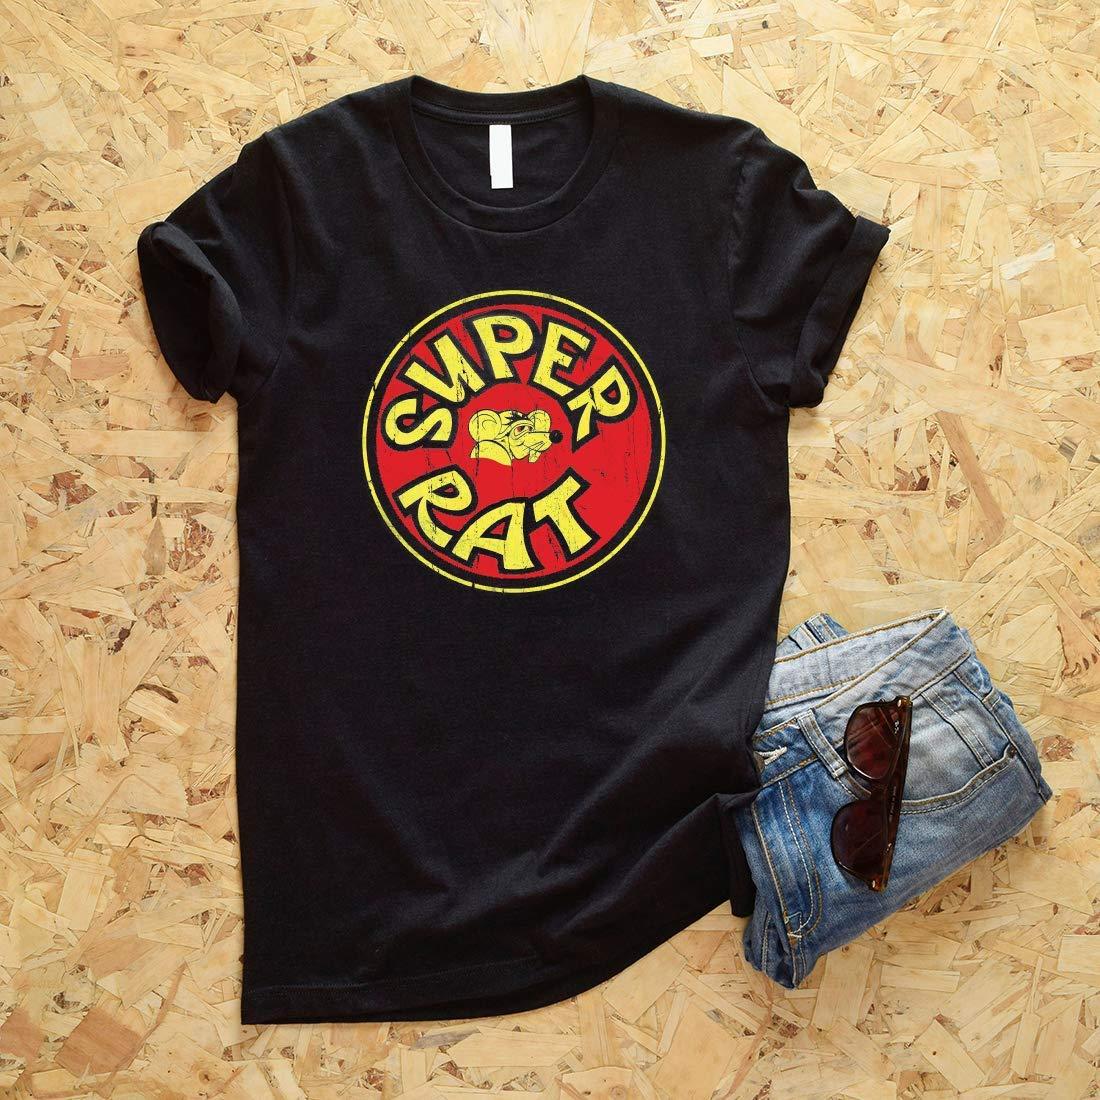 Hodaka Super Rat Air Cleaner Cover Distressed 5 Shirt Gift For Men Women